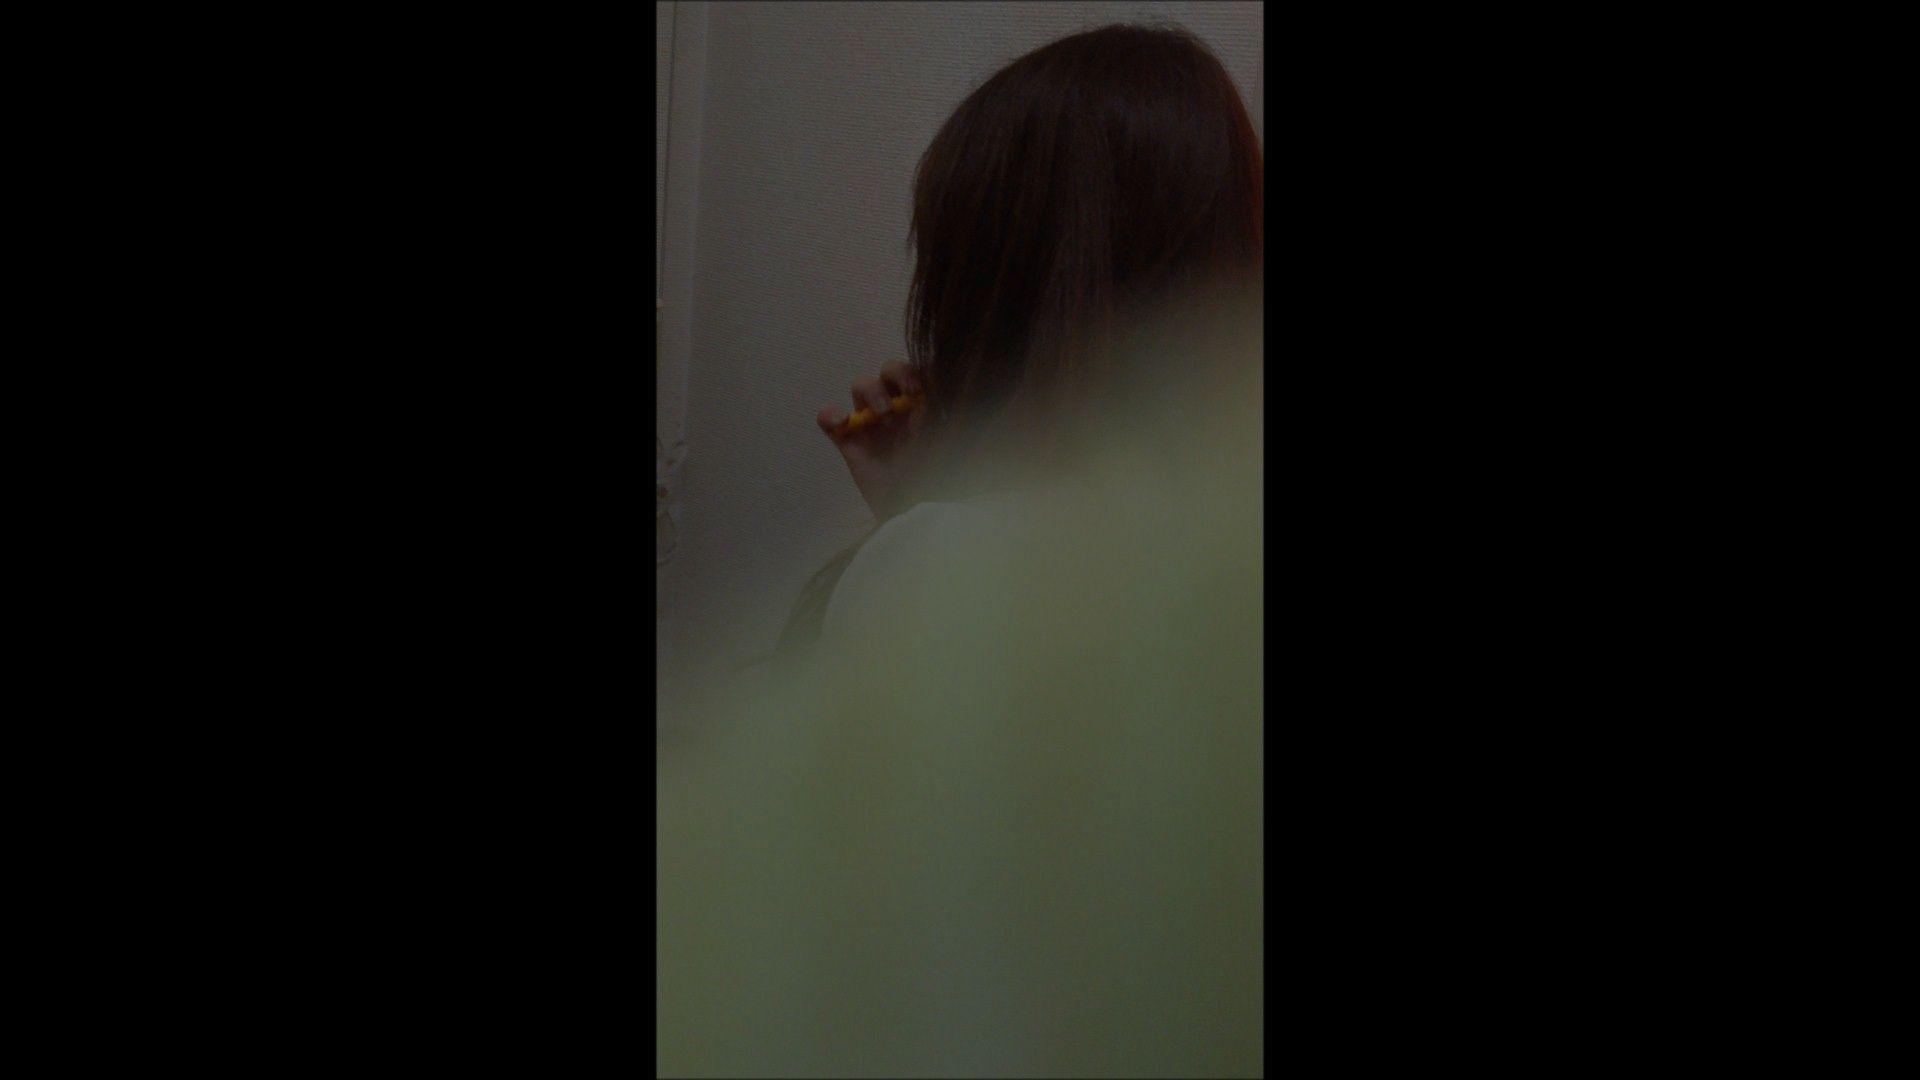 08(8日目)メイク中の彼女の顔を撮りました! マンコ特集 | オマンコ丸見え  59連発 55